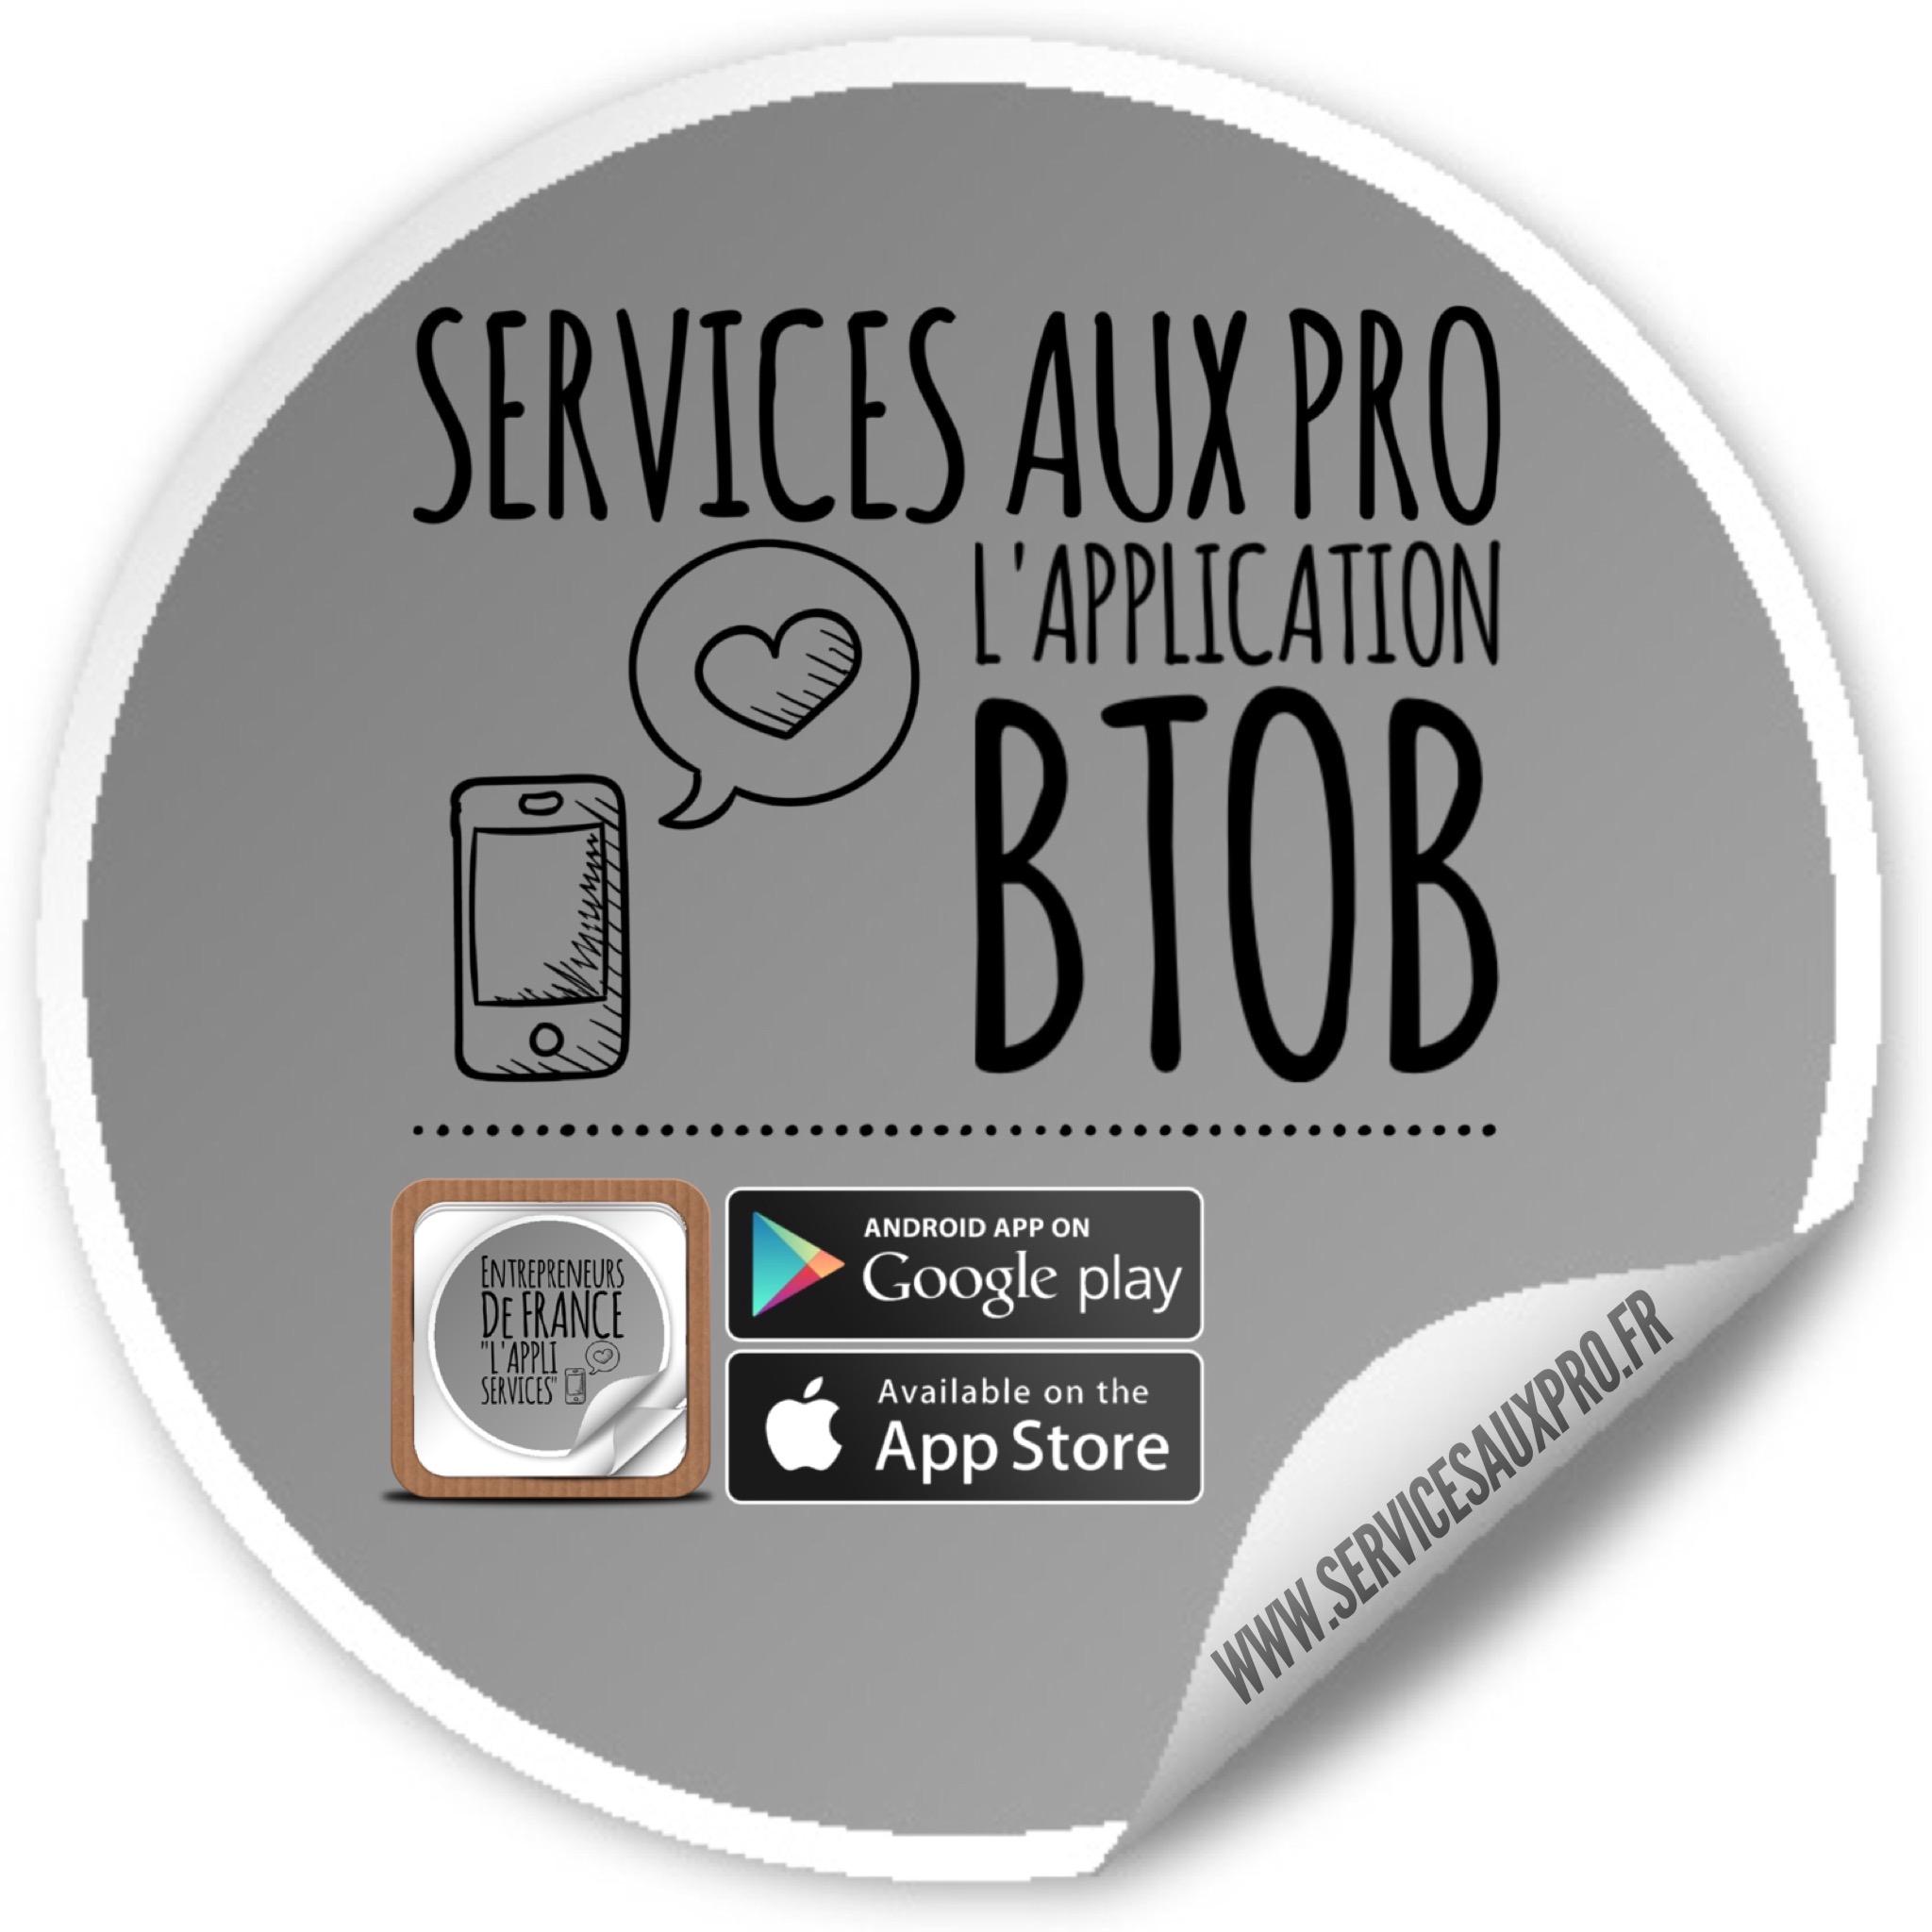 Services aux pro